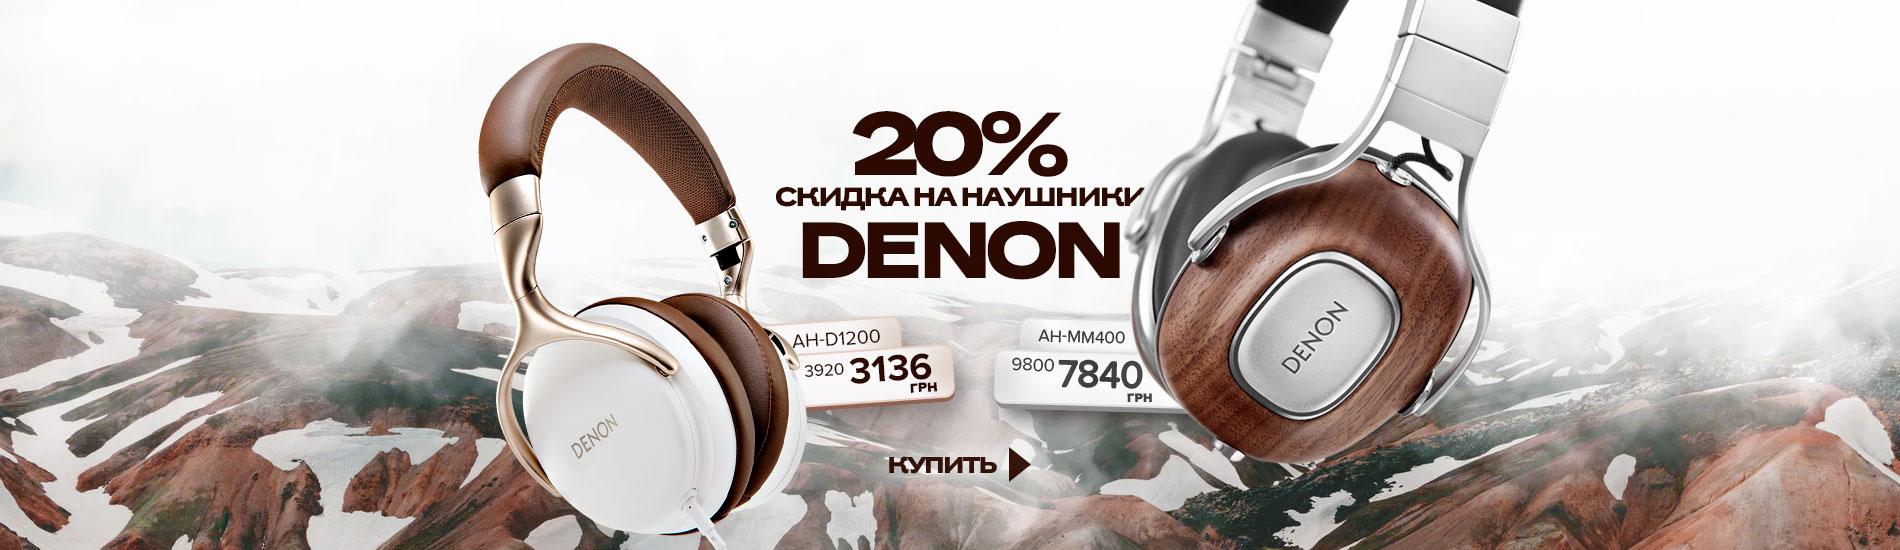 denon-20